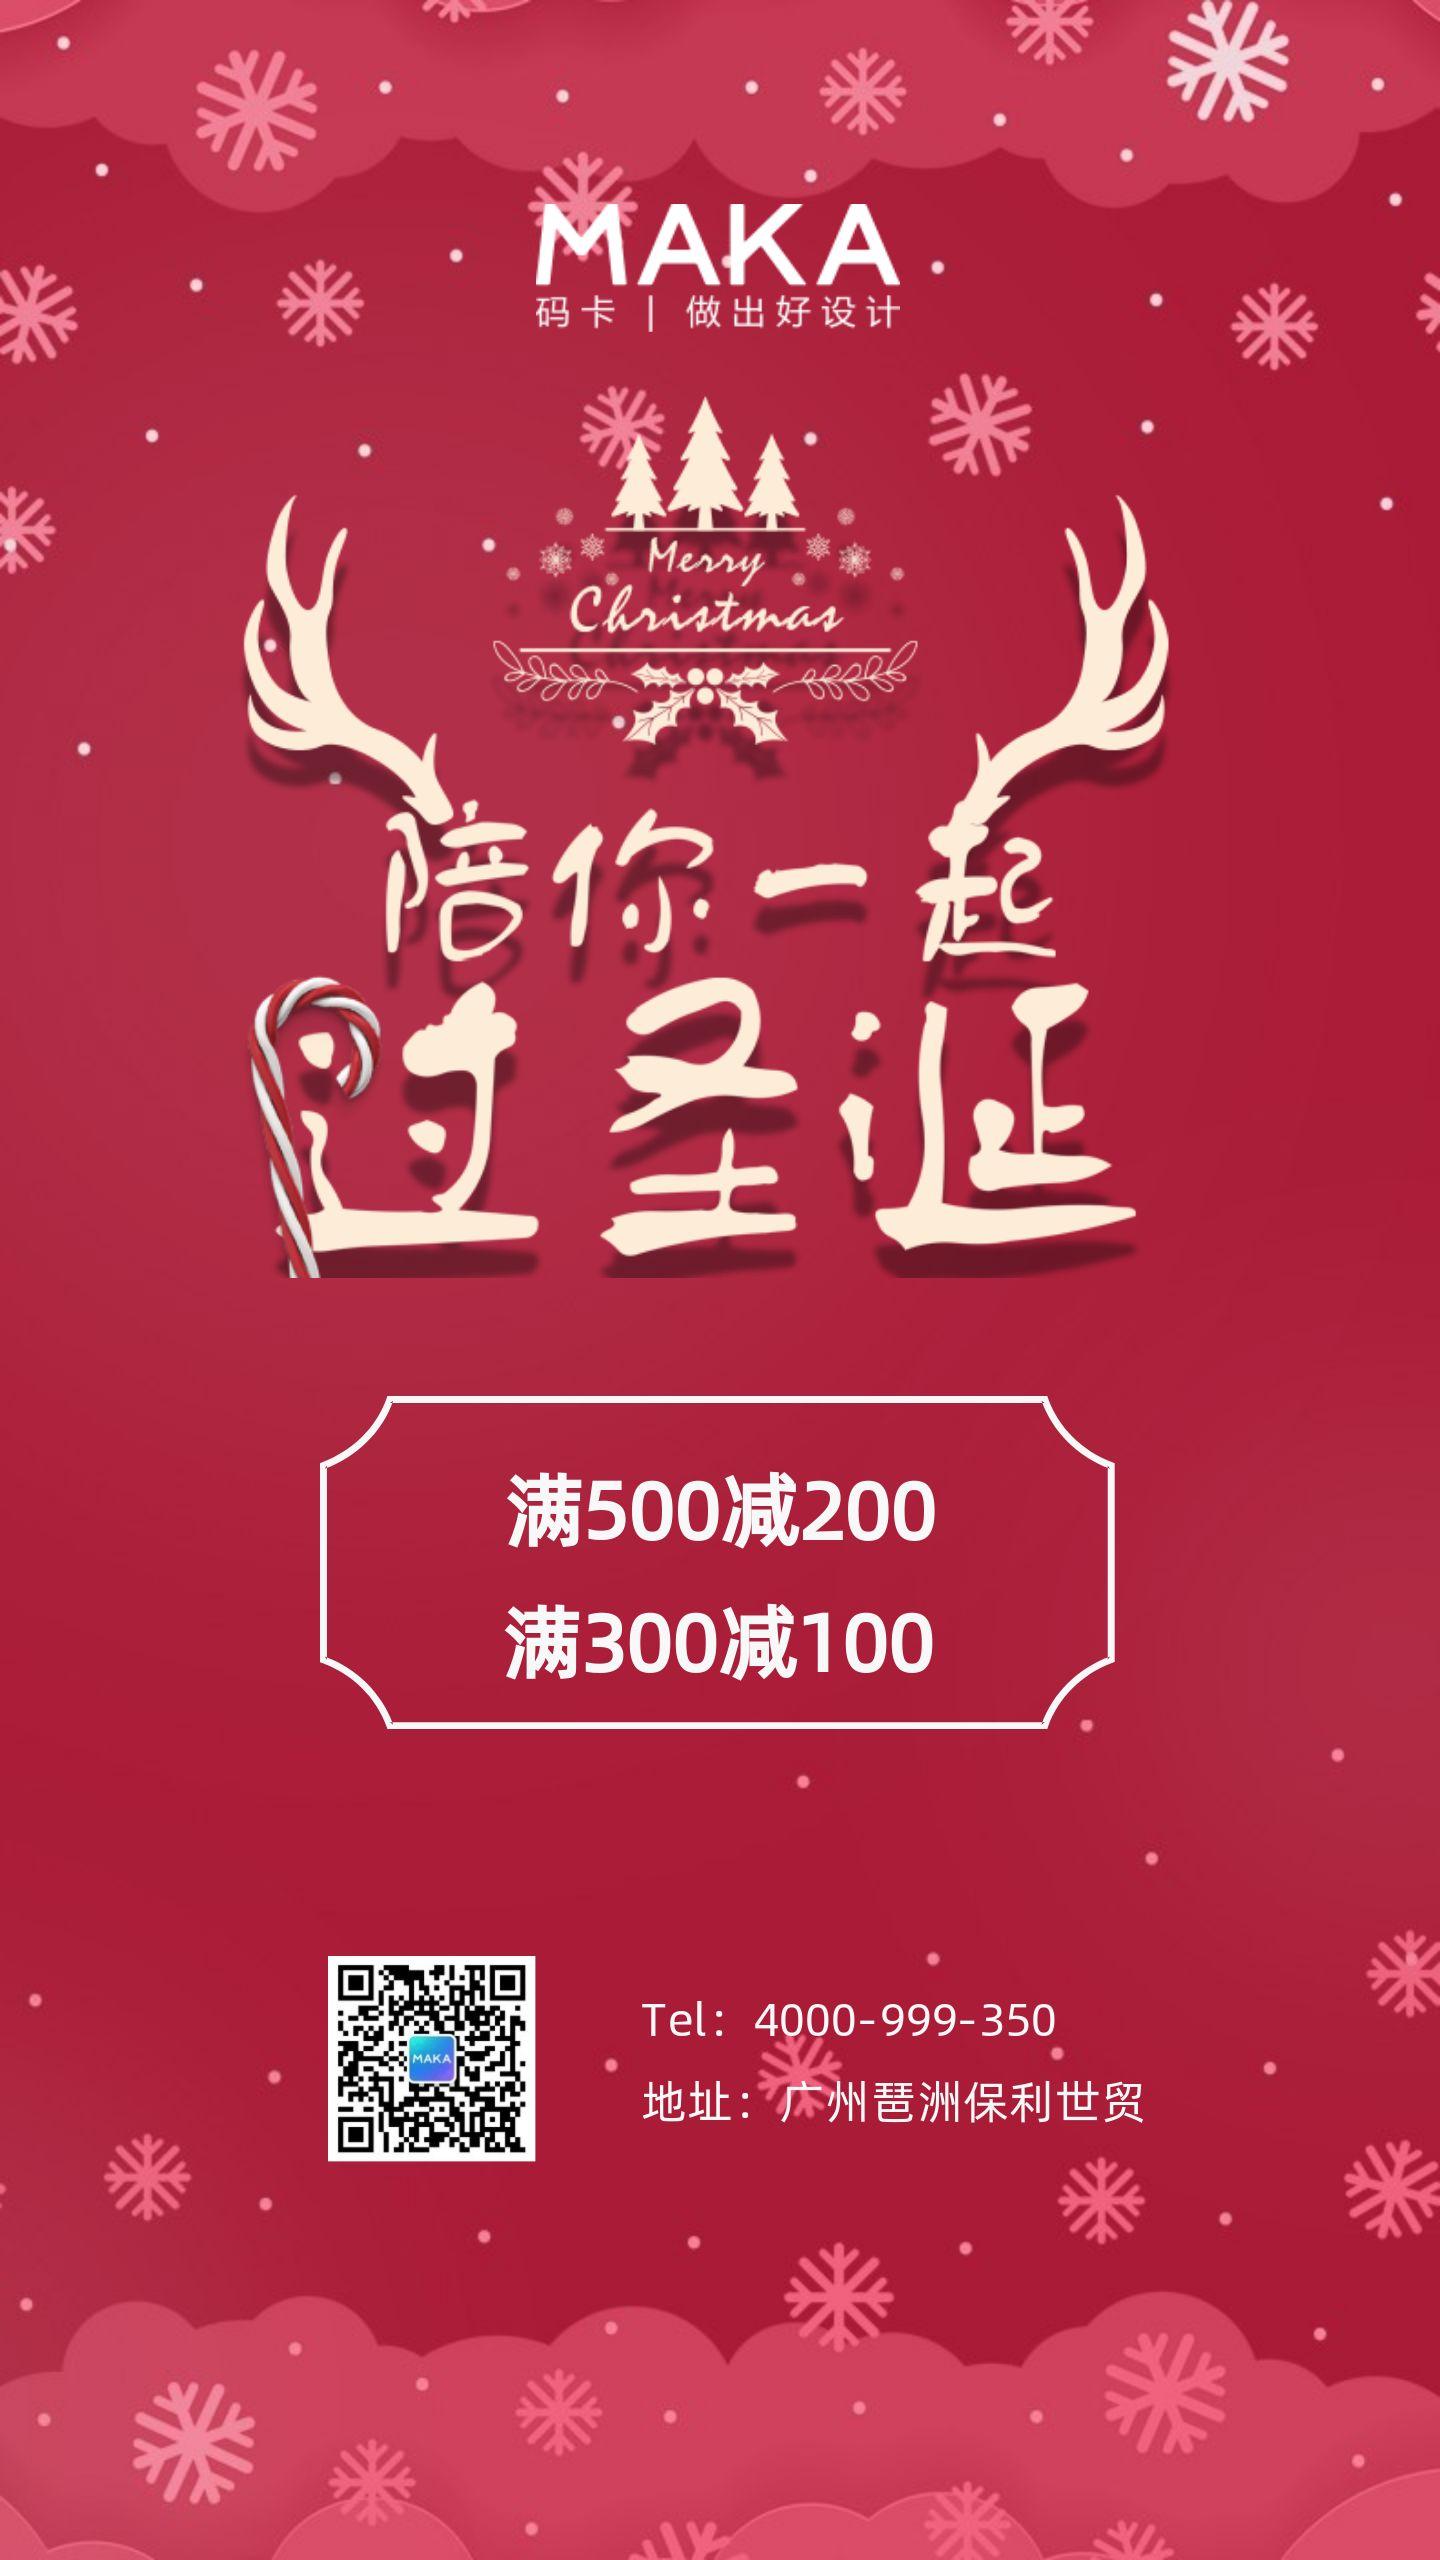 1912圣诞红色卡通风商家促销海报